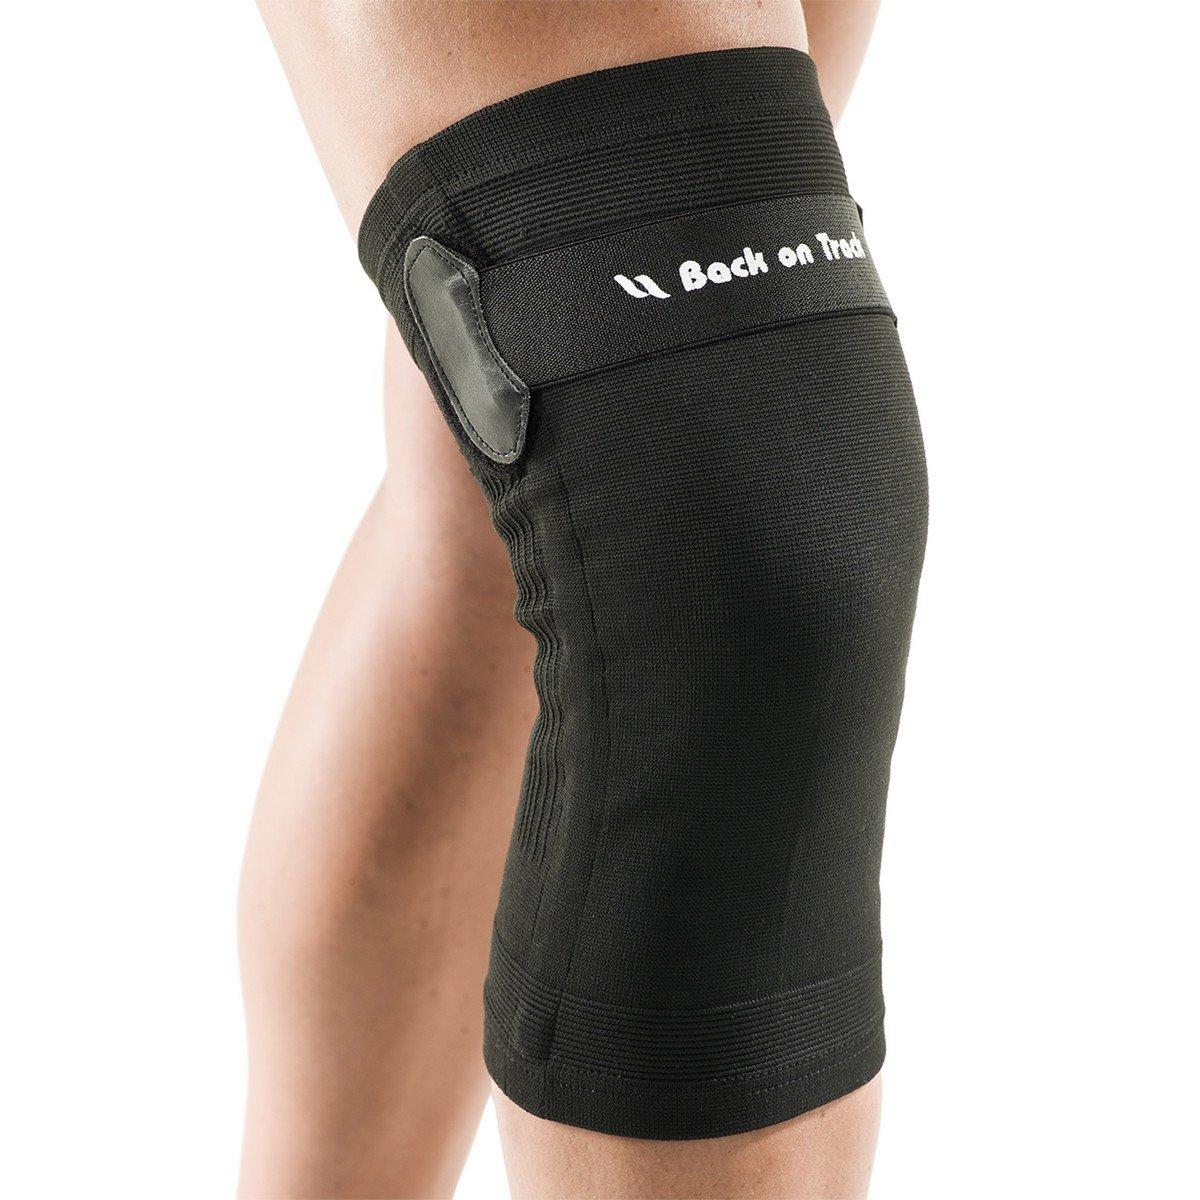 Imagem de Back on Track Knee Boot with Closure Black L, 42 46cm